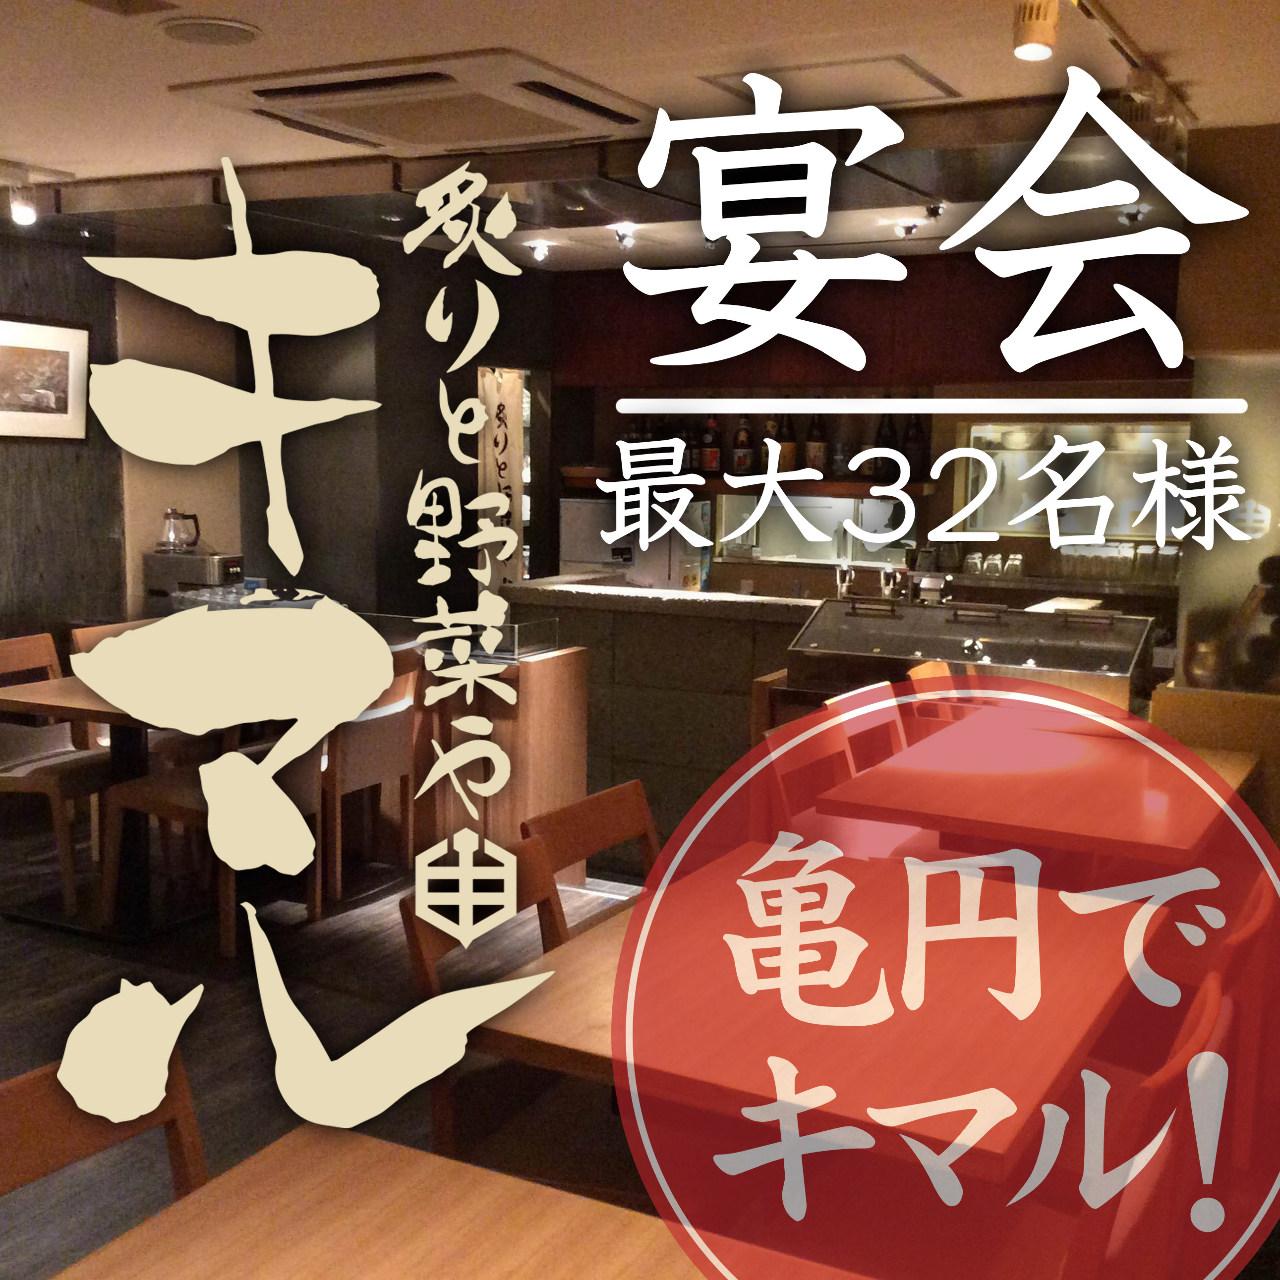 炙りと野菜や 亀円(キマル) 七日町店のイメージ写真